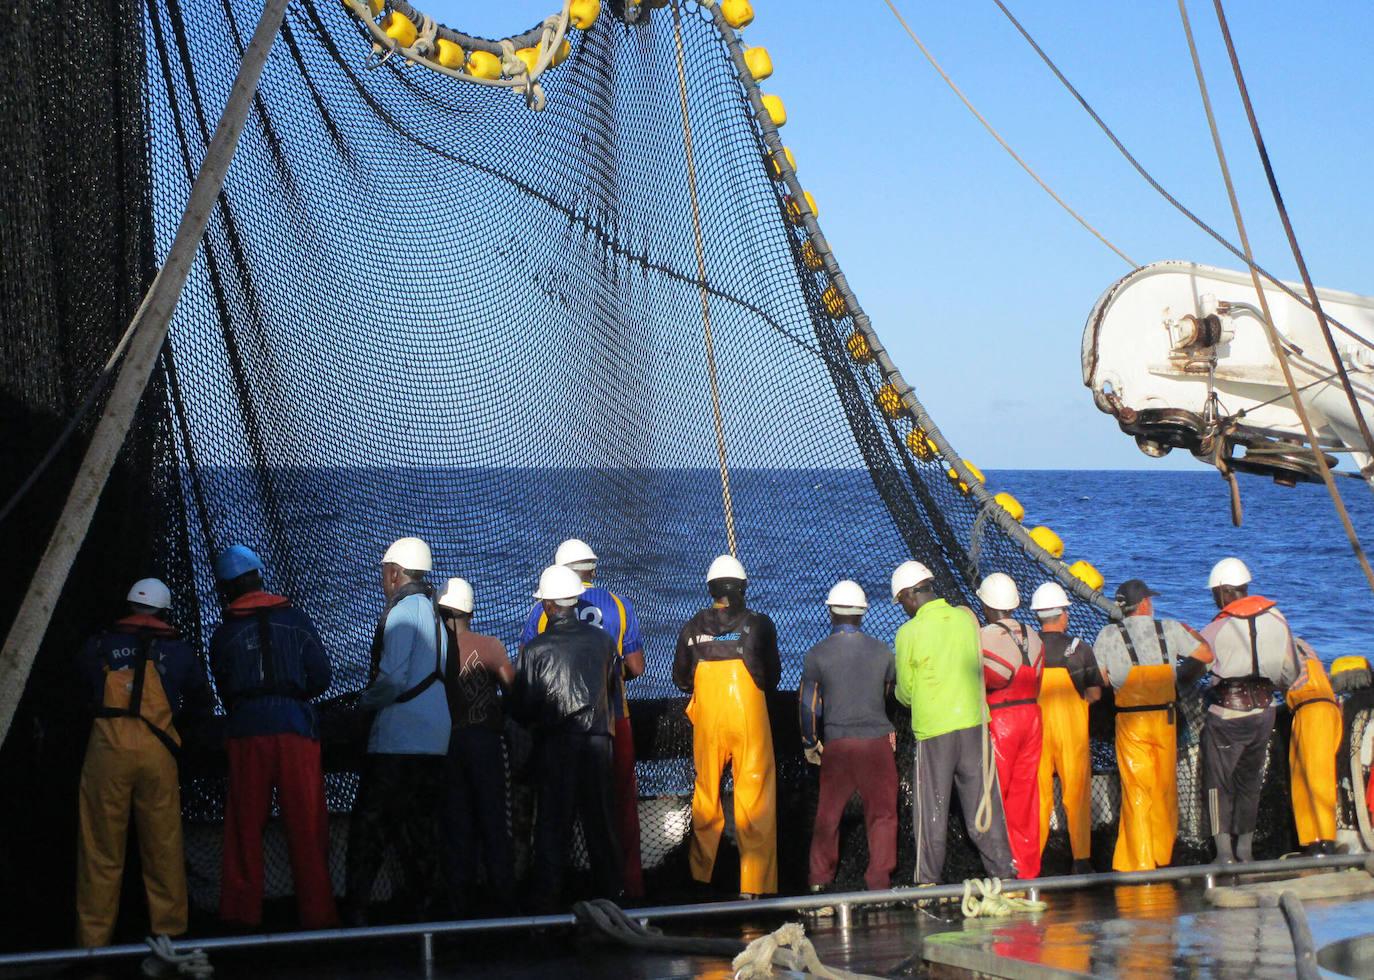 El sector atunero «perplejo» ante la cesión de 'yellowfin' a flotas con «artes ilegales»